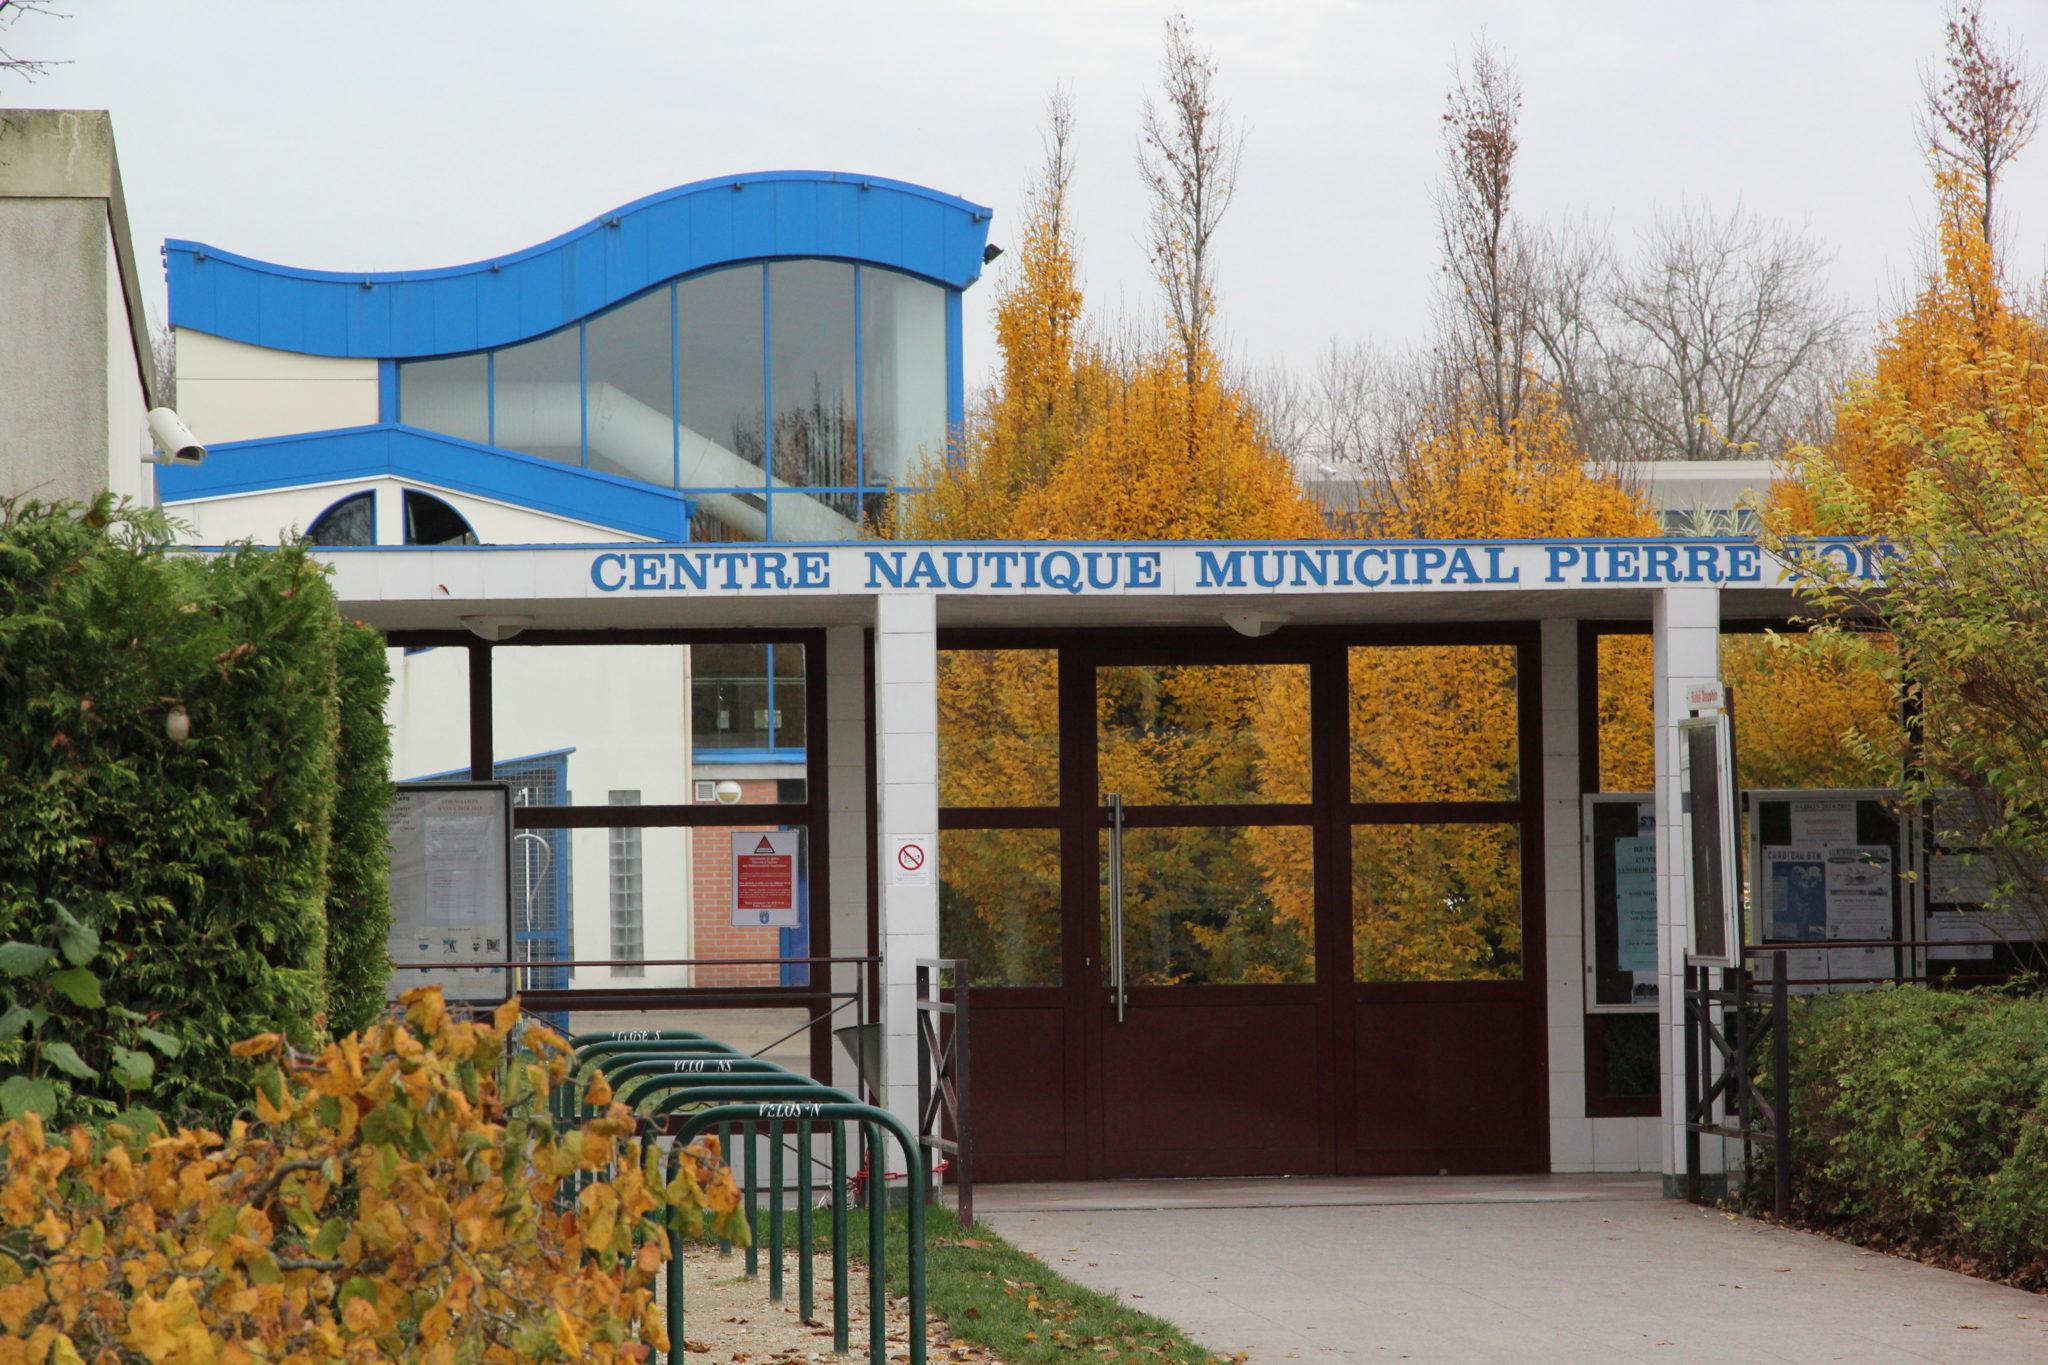 Piscine : Centre Nautique Pierre Toinot - Ville De Sens intérieur Piscine Municipale Sens